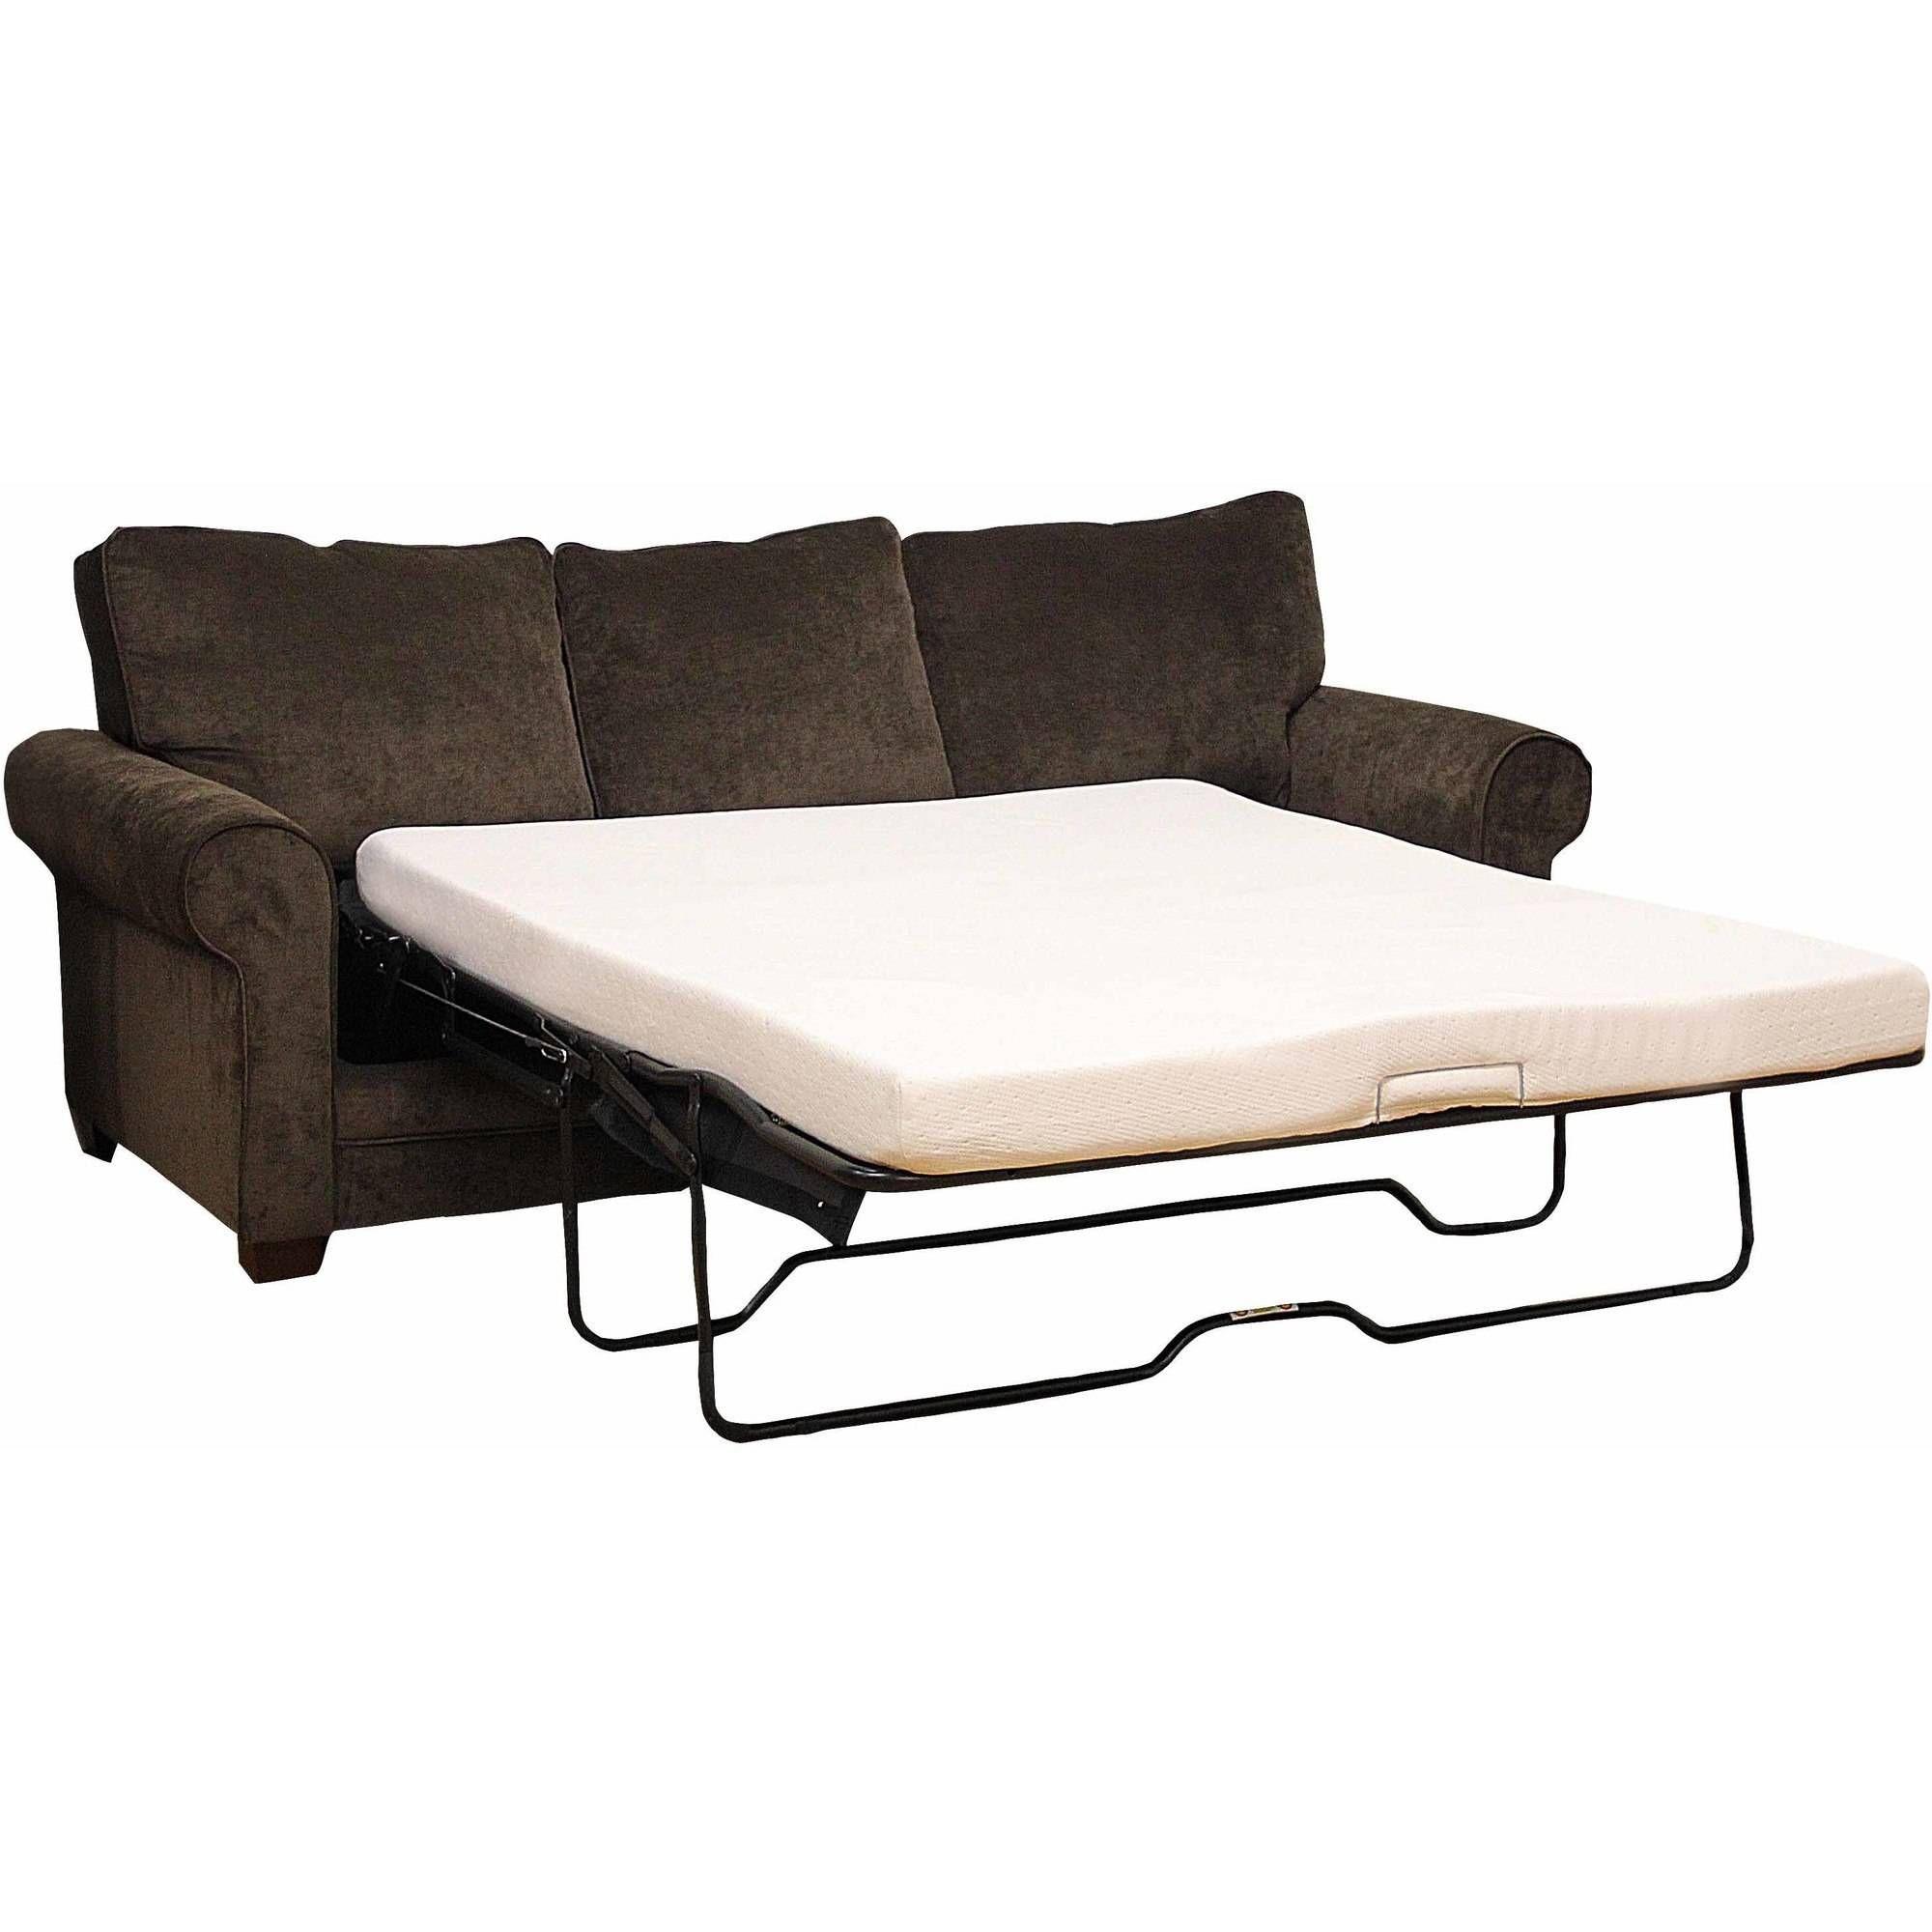 Modern Sleep Memory Foam 4 5 Quot Sofa Bed Mattress Multiple